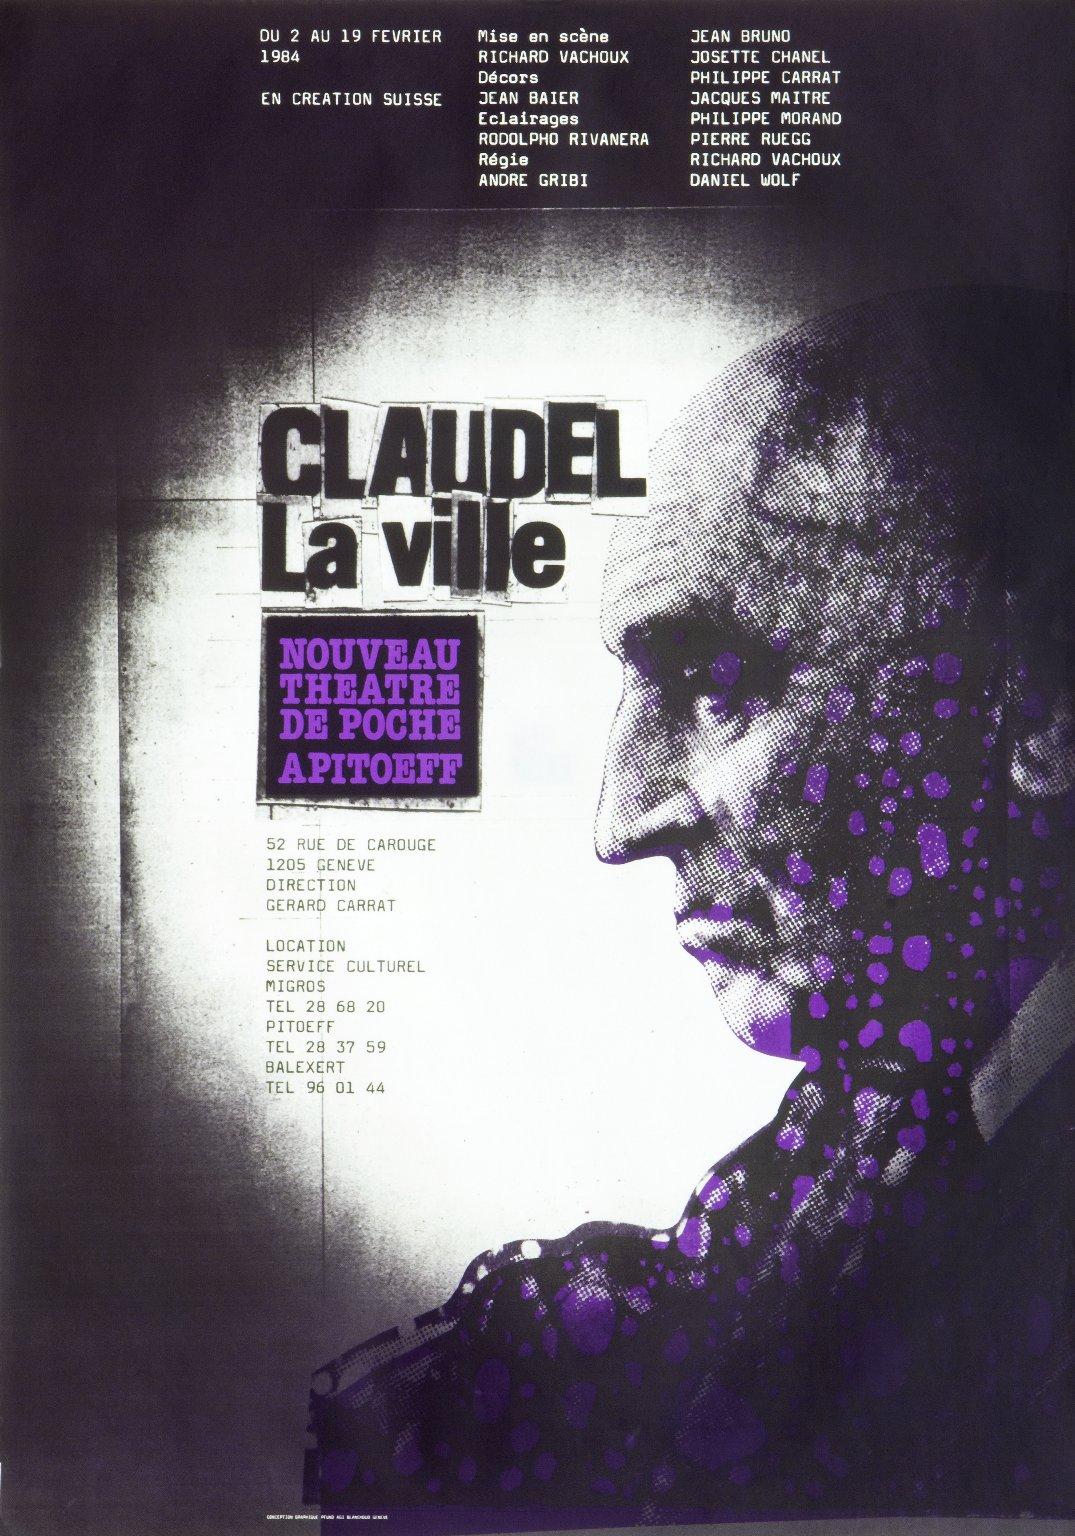 Claudel La ville